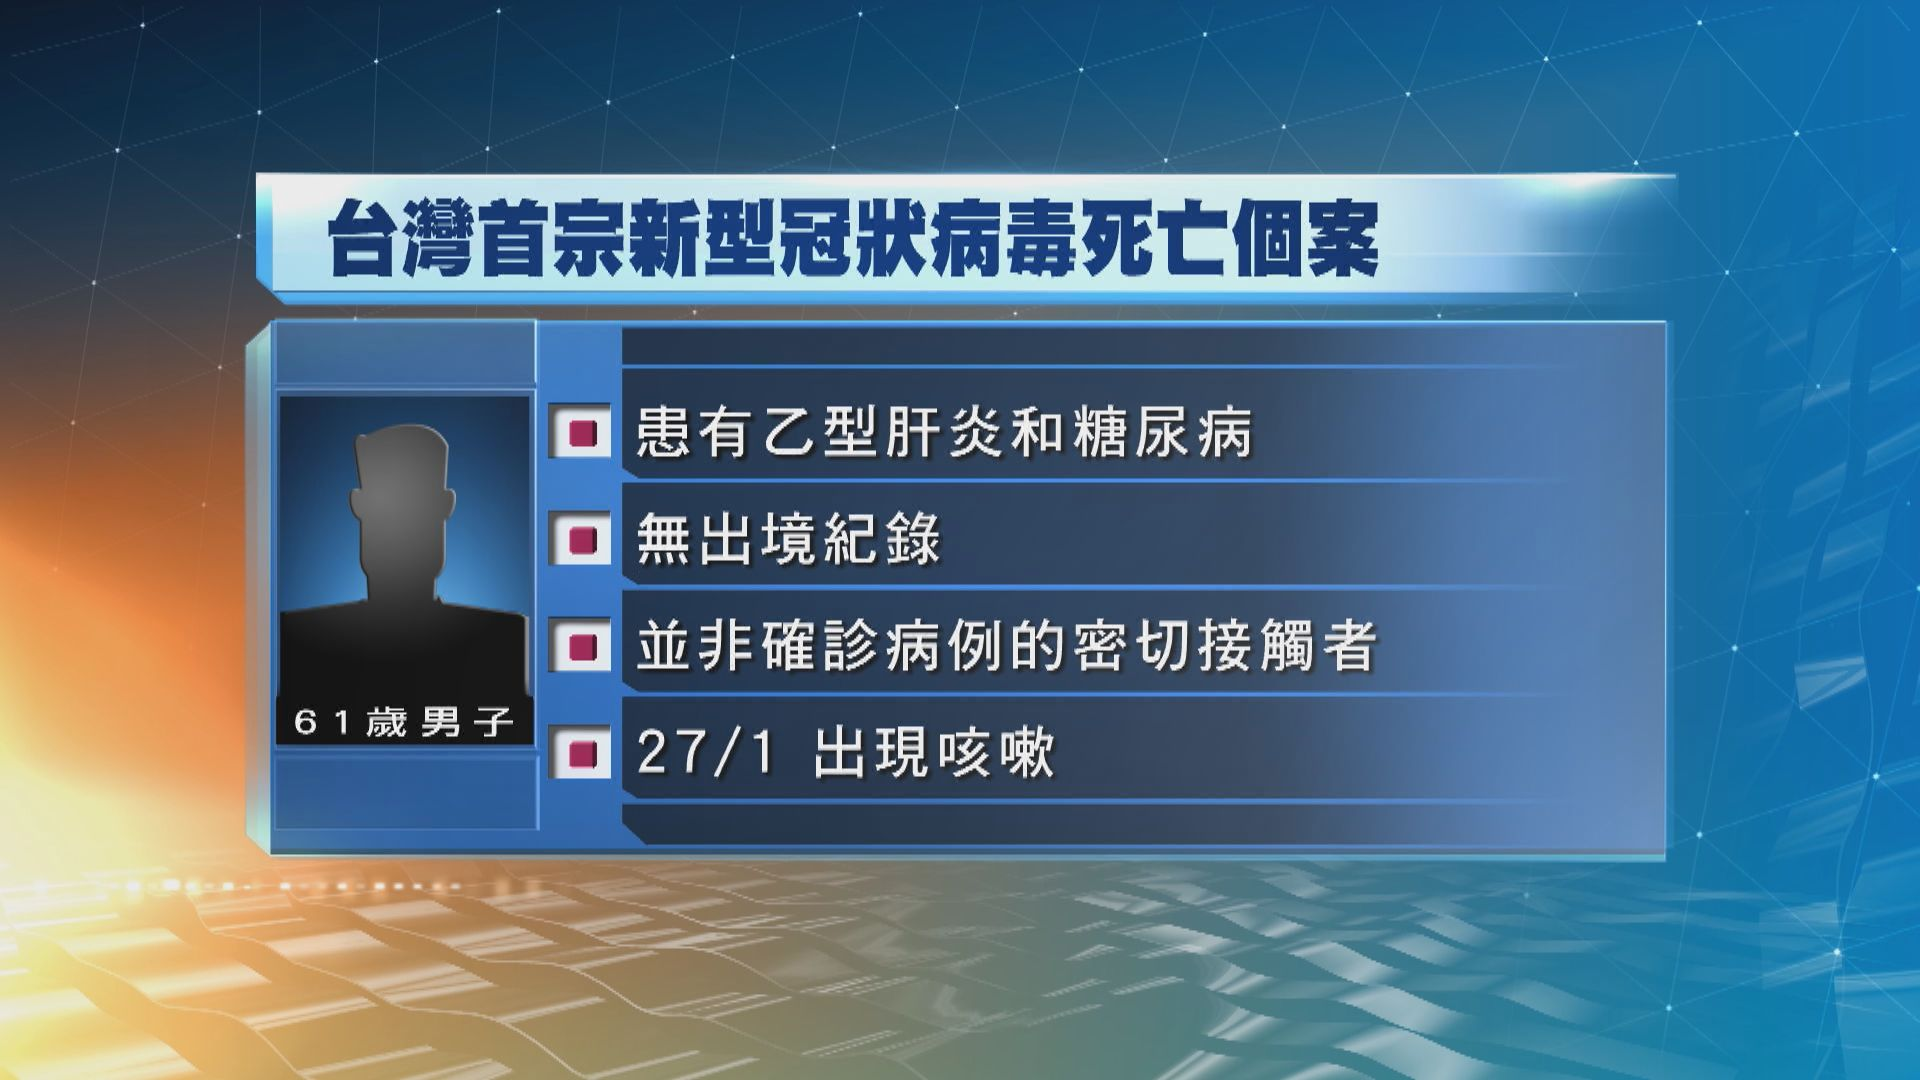 台灣新型冠狀病毒死者曾接載大陸和港澳旅客